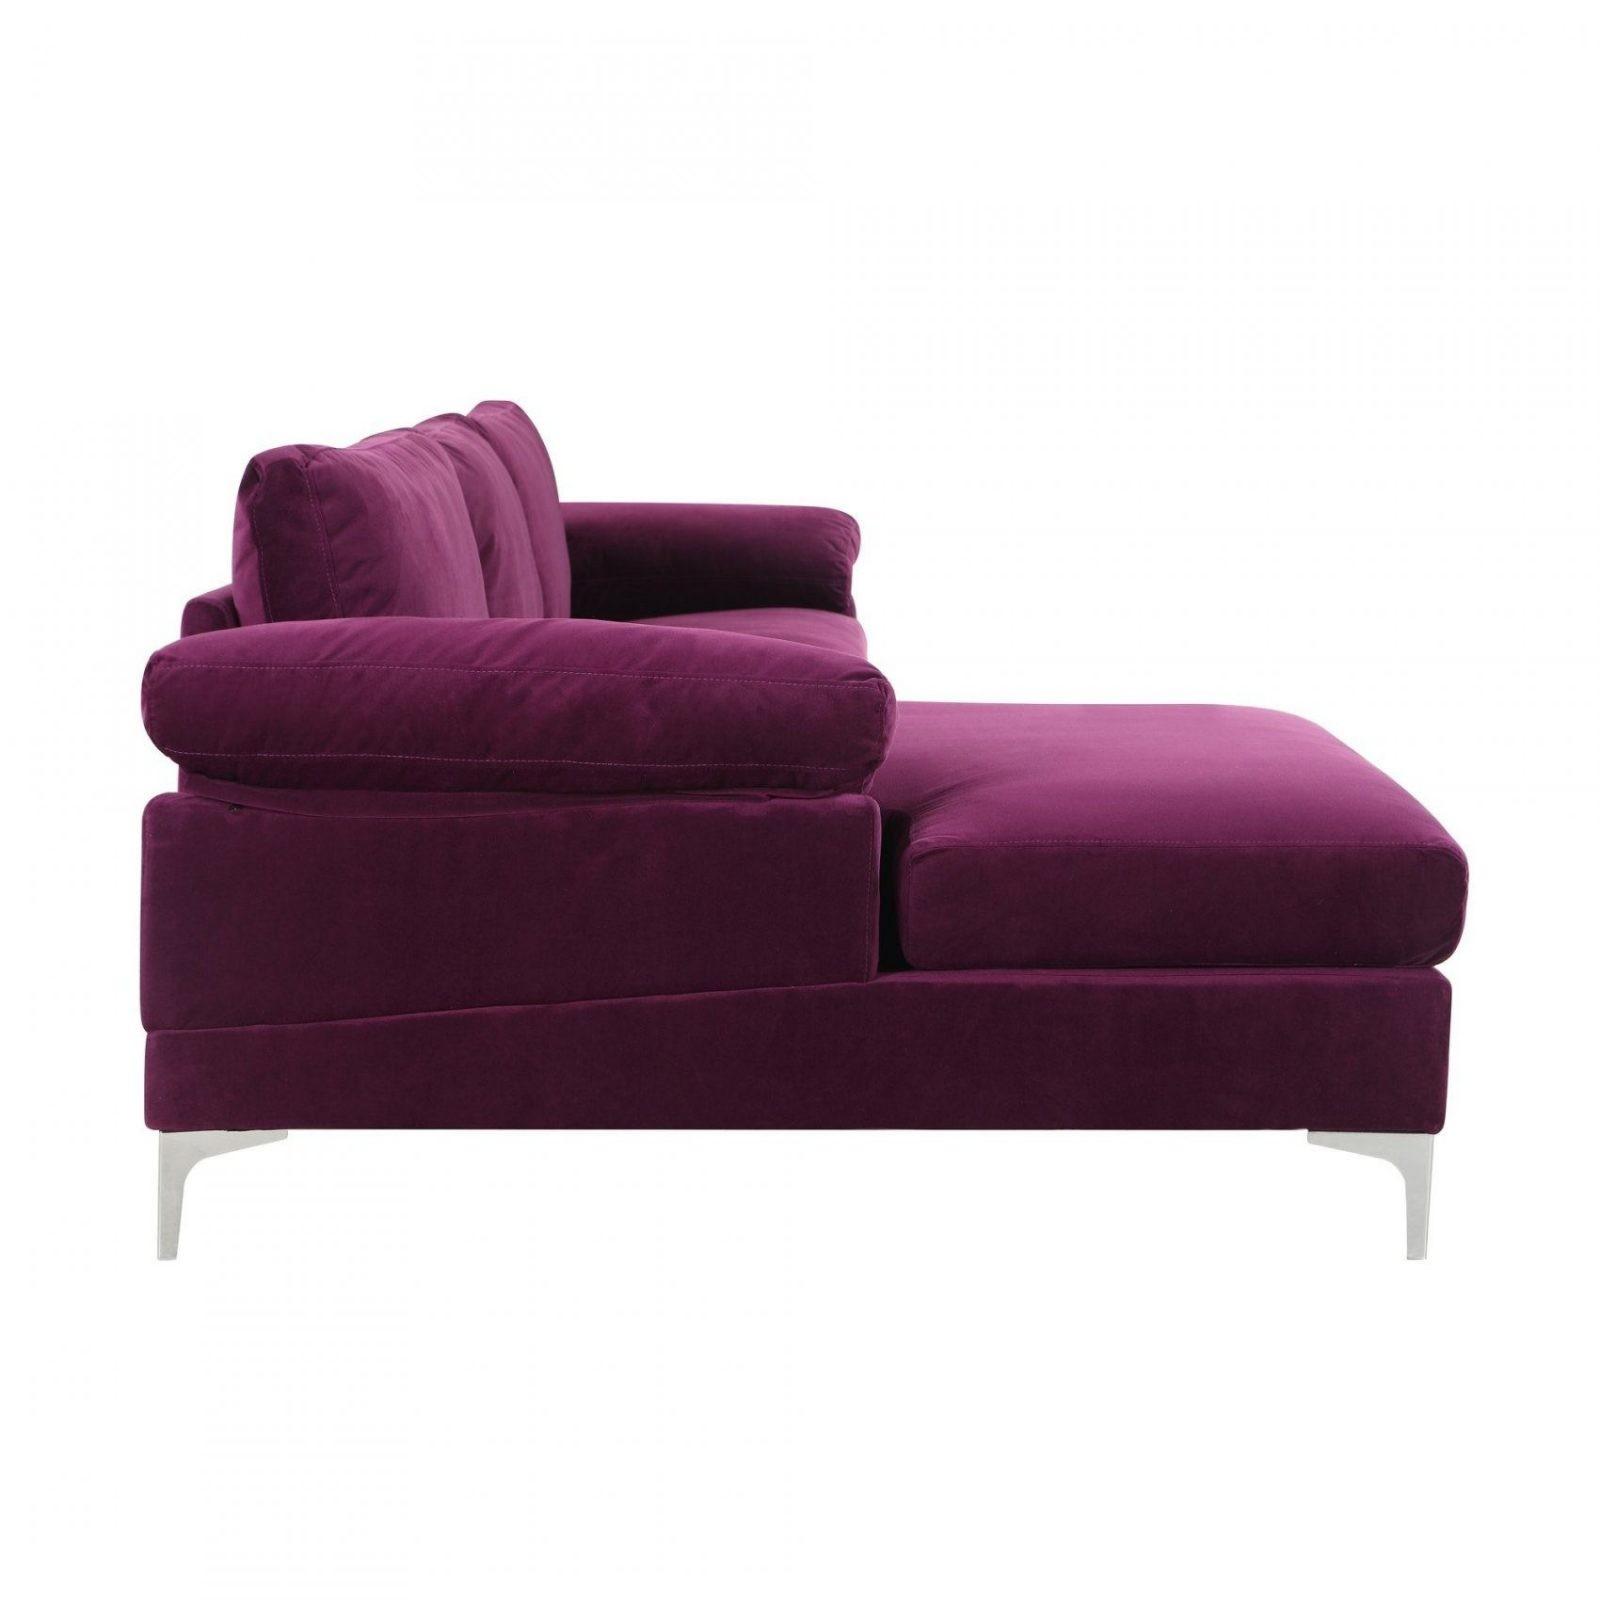 Sofa Design  Ansprechend Ecksofas Für Kleine Räume Stylisches Sofa von Ecksofa Für Kleine Räume Photo